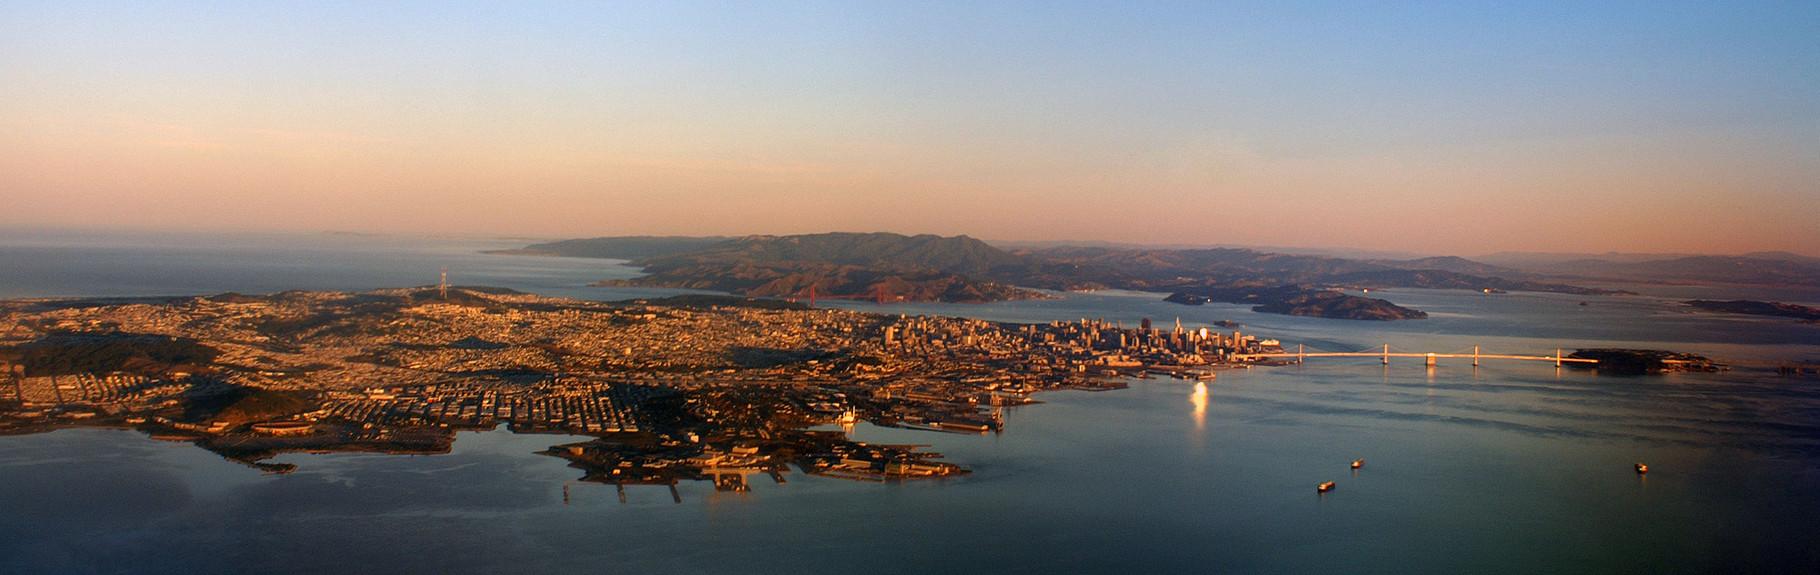 Área metropolitana de la Bahía, casi 5 millones de habitantes.